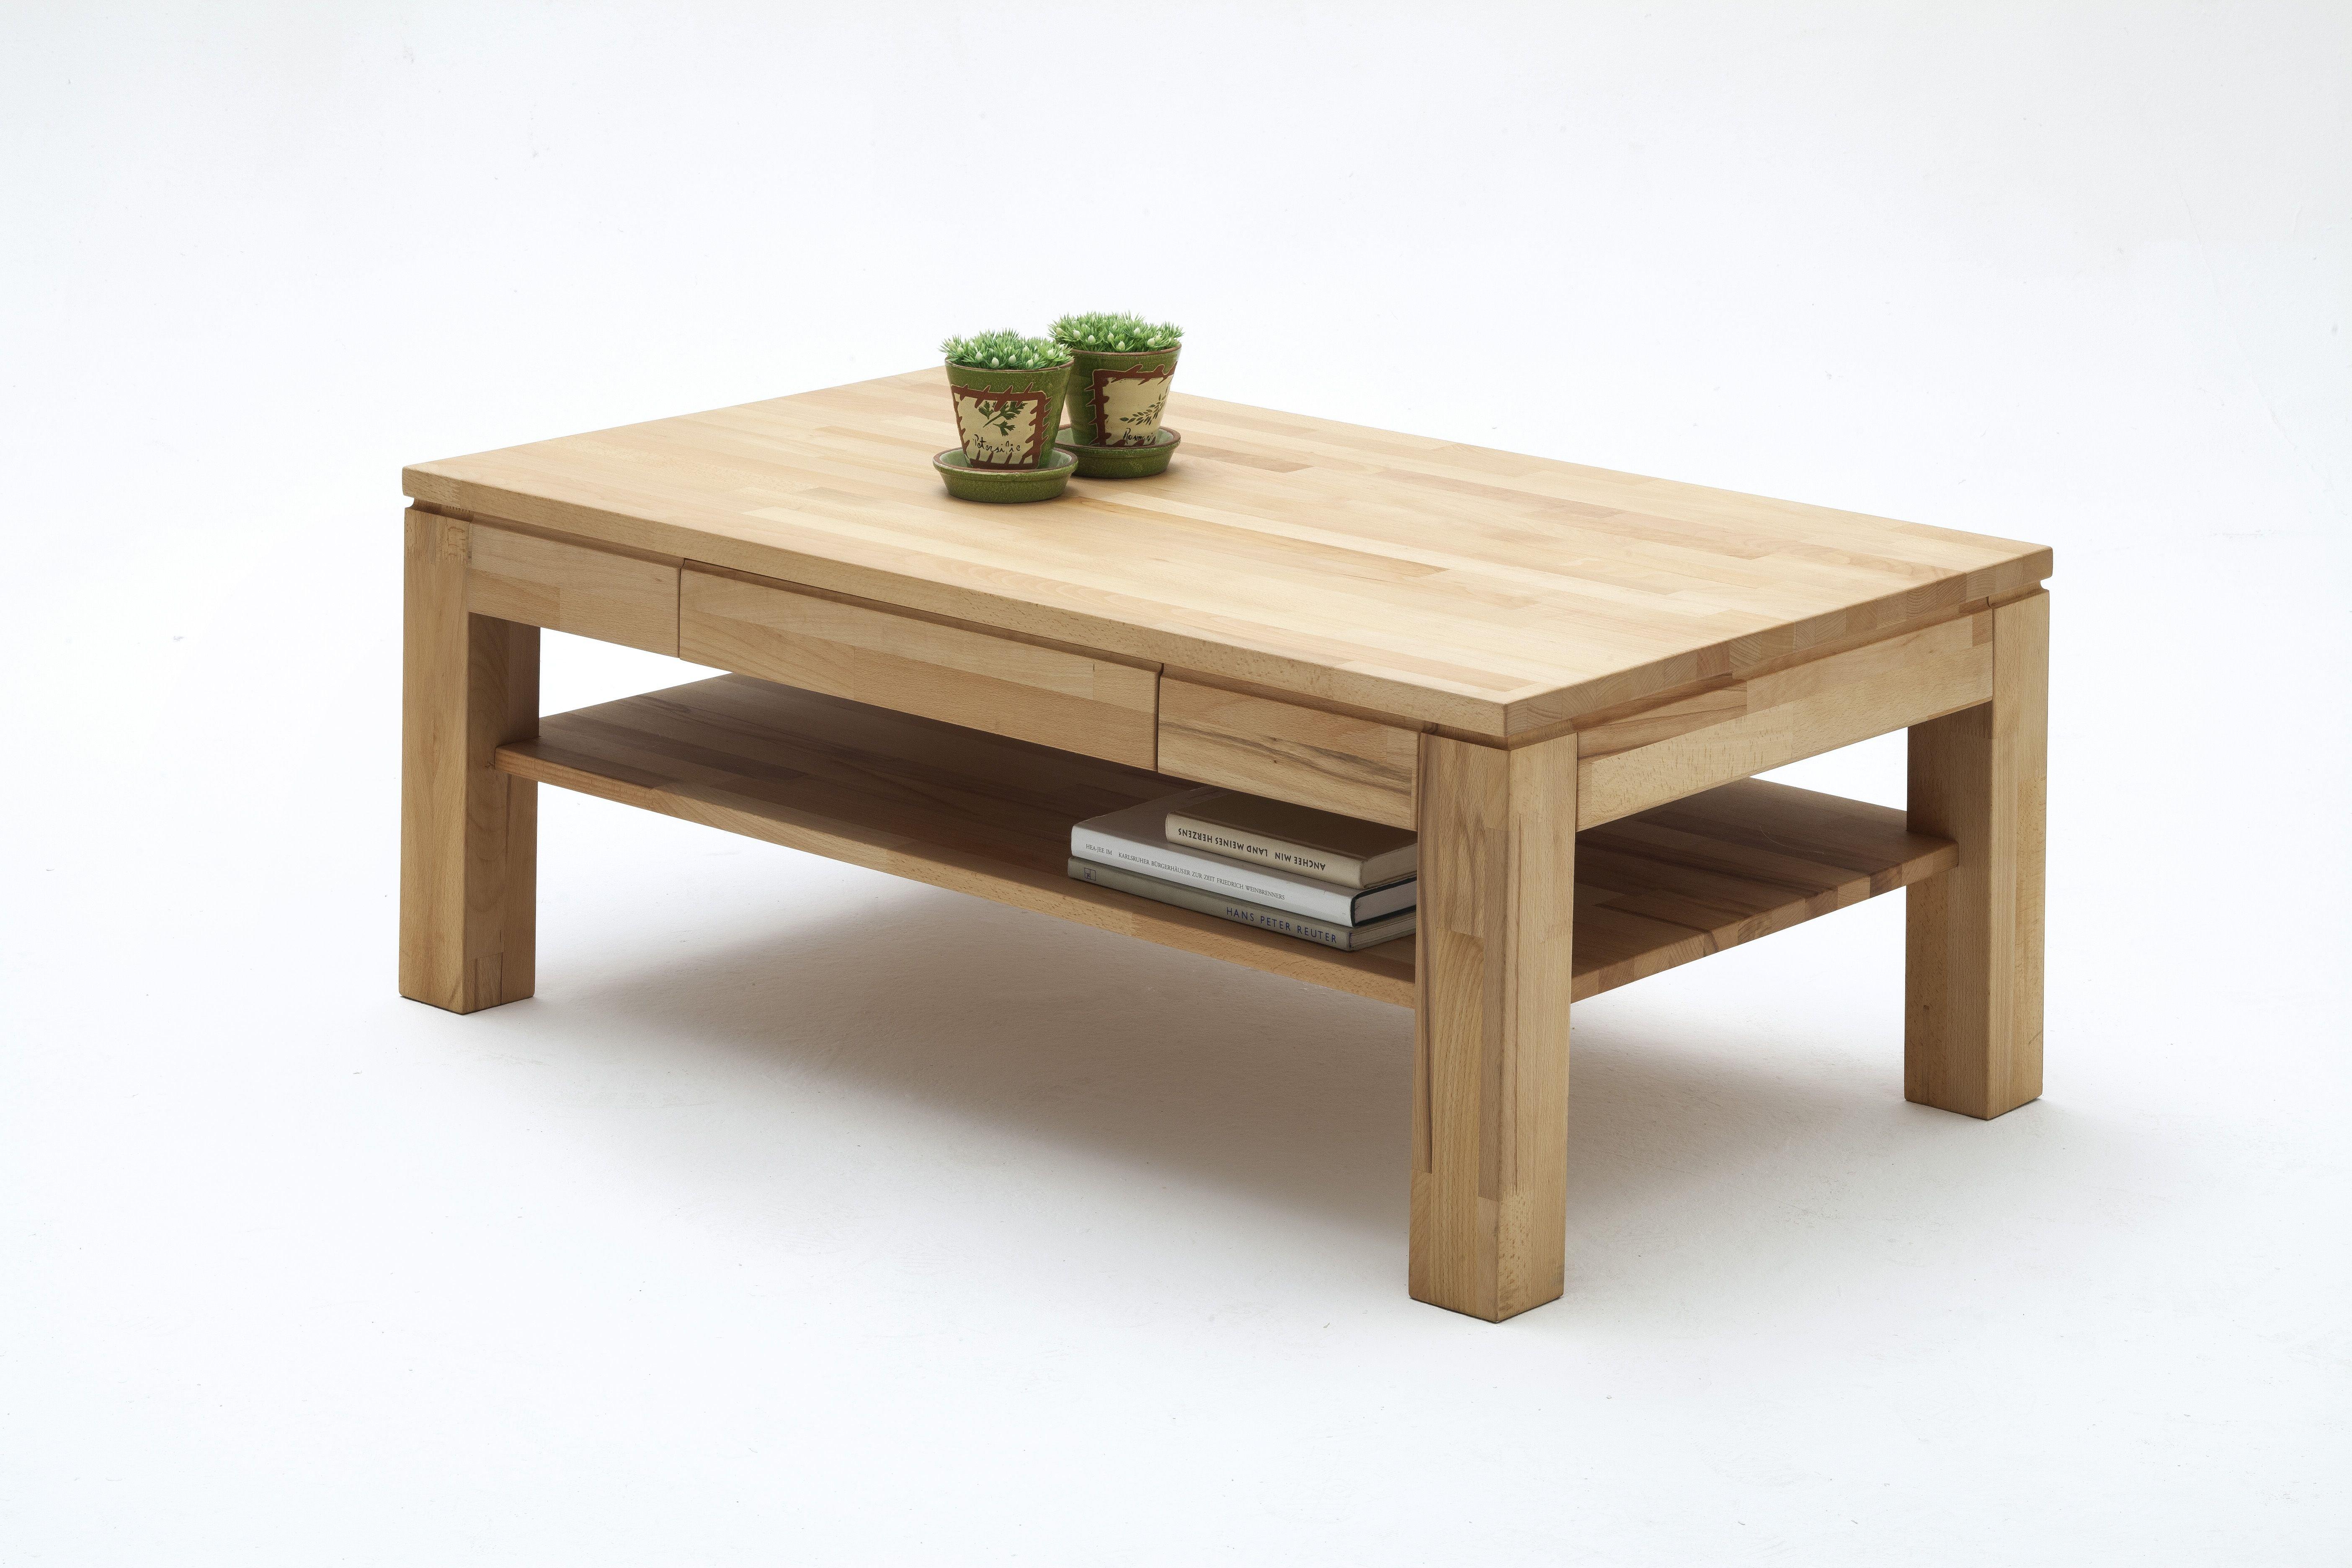 Couchtisch Julian von MCA furniture